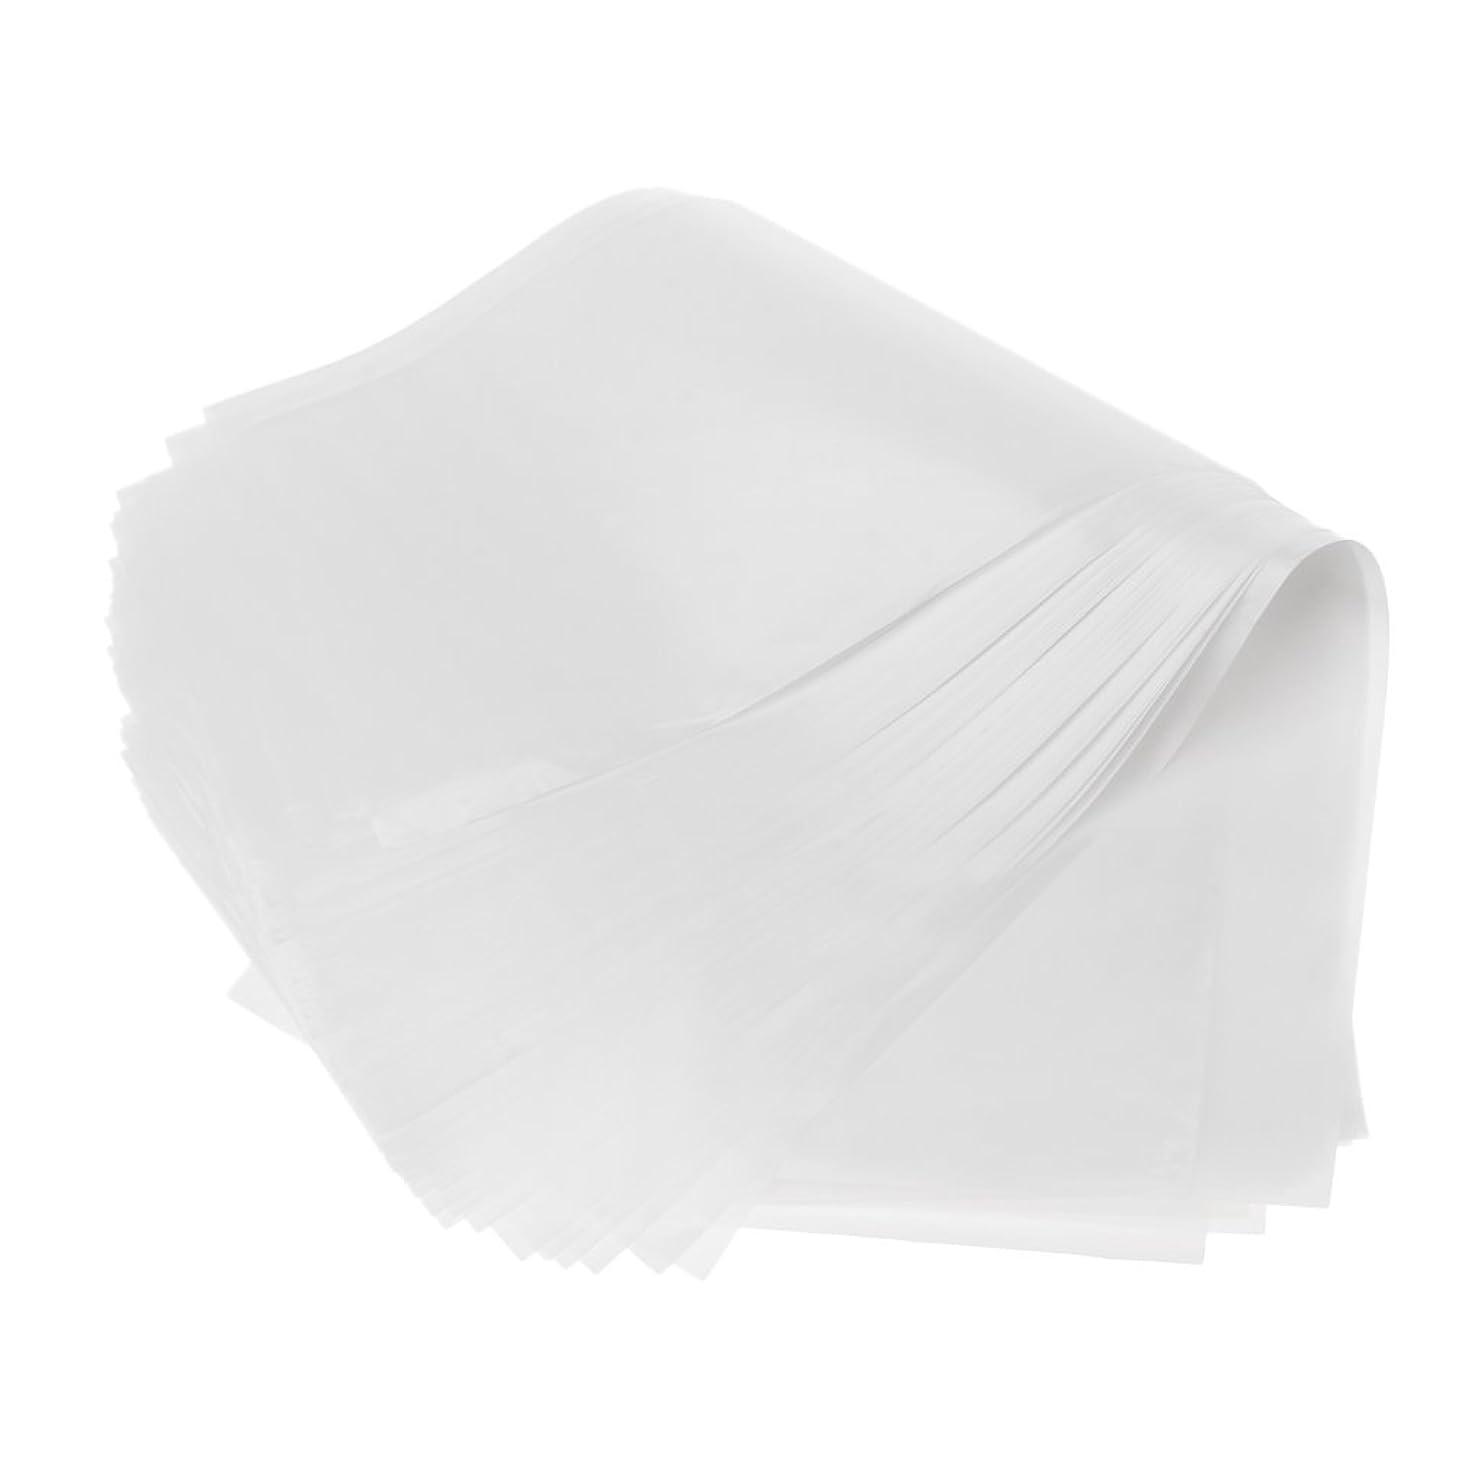 どれでもスペード覆すT TOOYFUL 50pcsサロンプラスチック染毛紙カラーハイライト分離シート再利用可能 - ホワイト